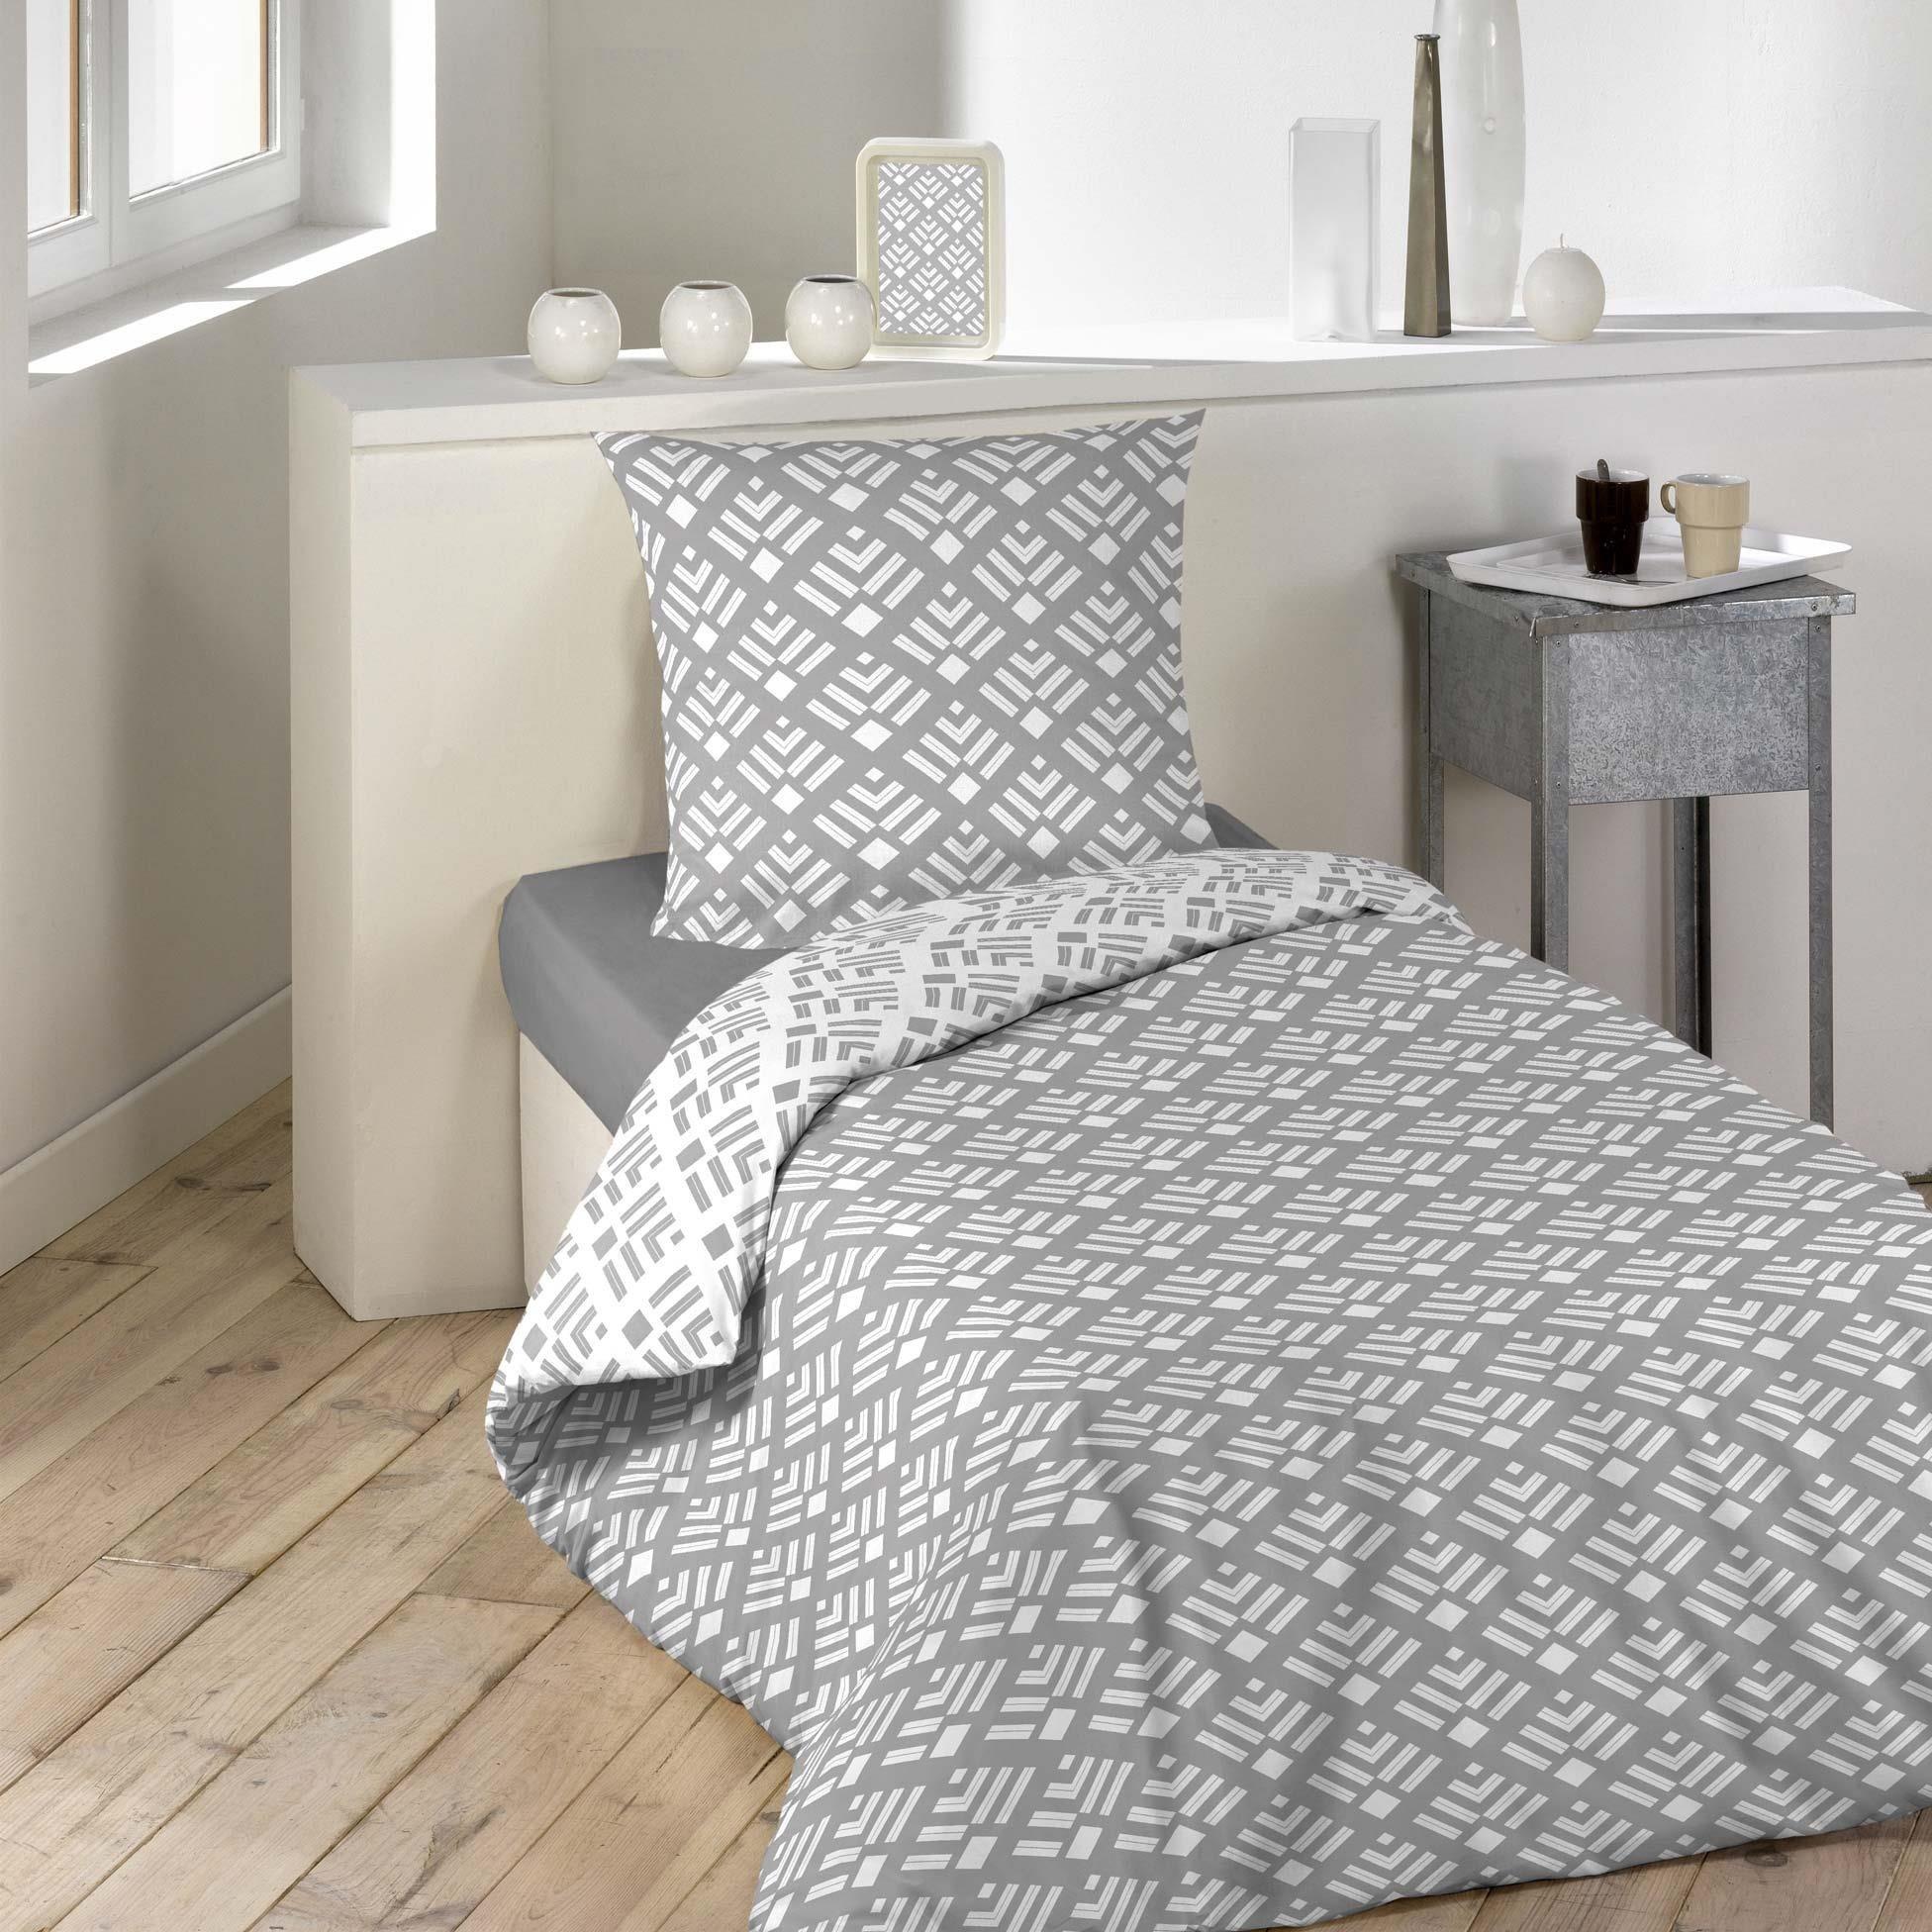 Full Size of Bettwsche Bettwäsche Sprüche Teenager Betten Für Wohnzimmer Bettwäsche Teenager